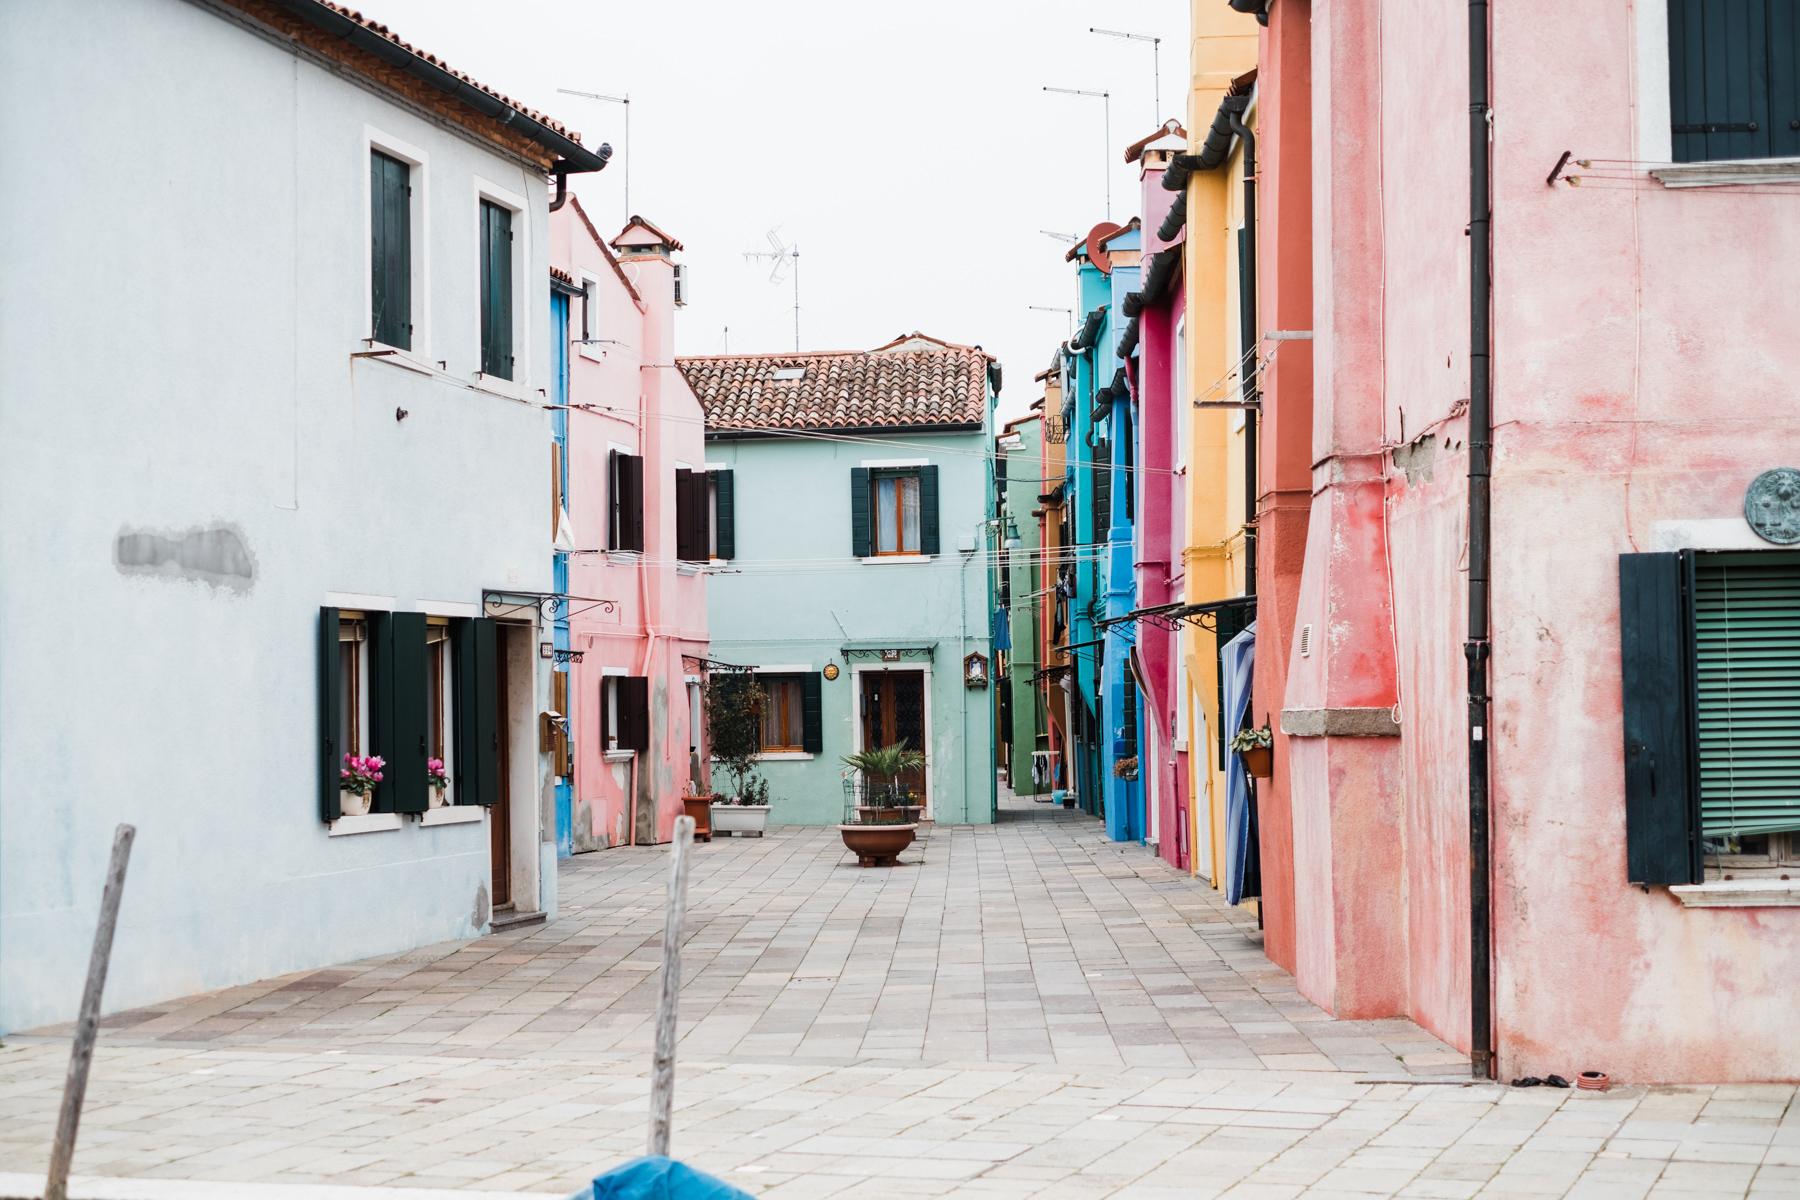 Venice_deersphotography-203